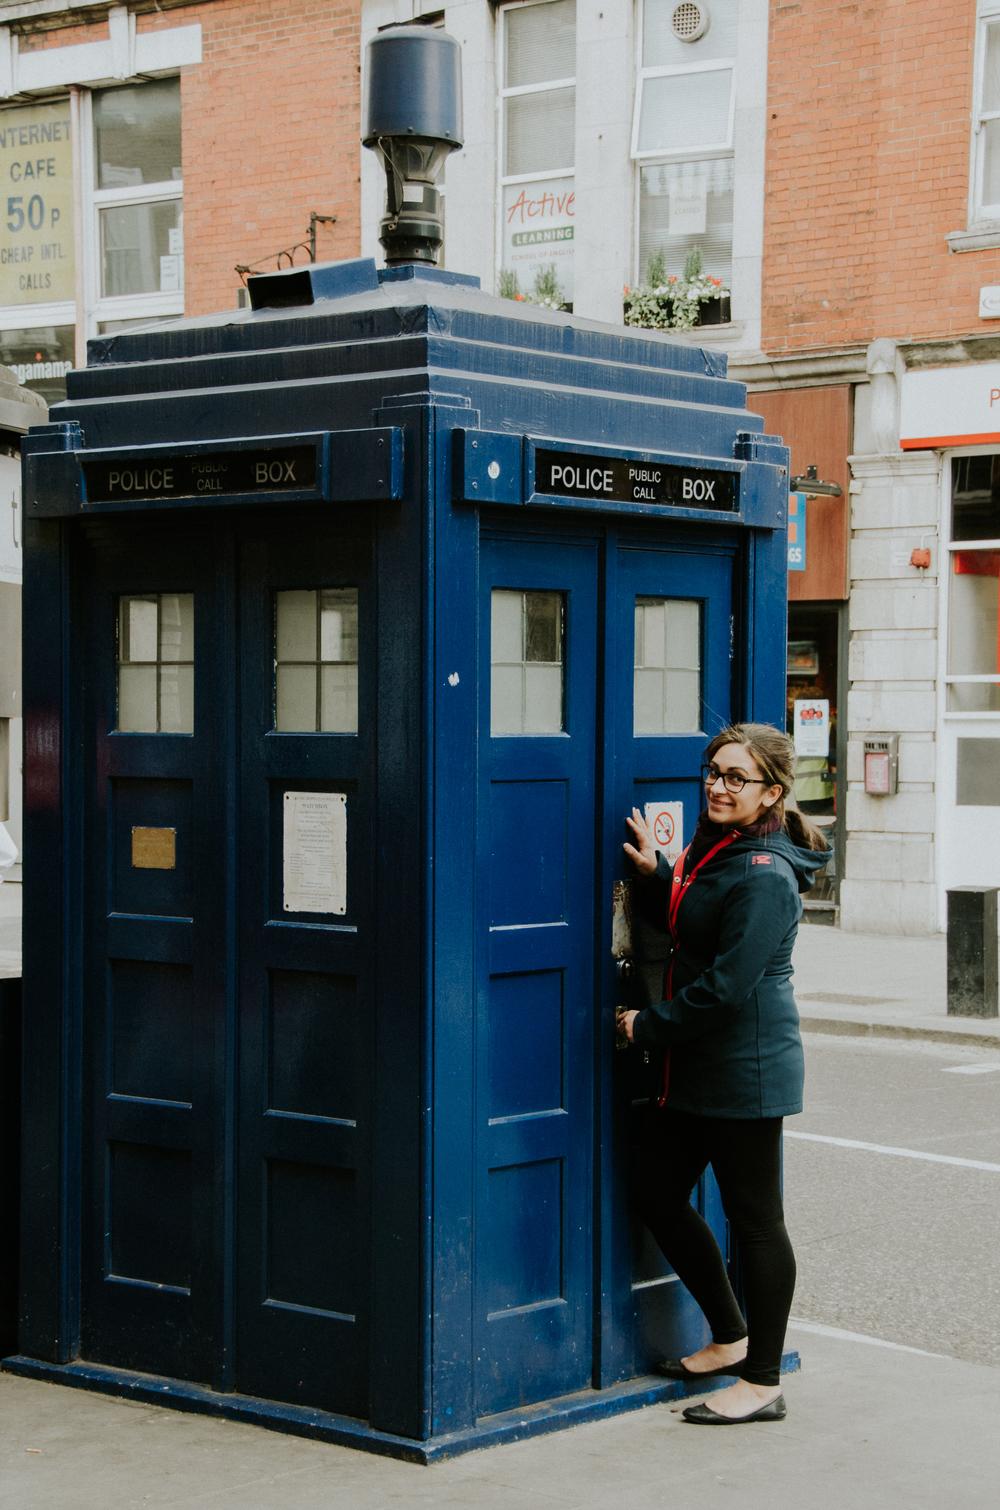 2015.05.20 London 00003.jpg